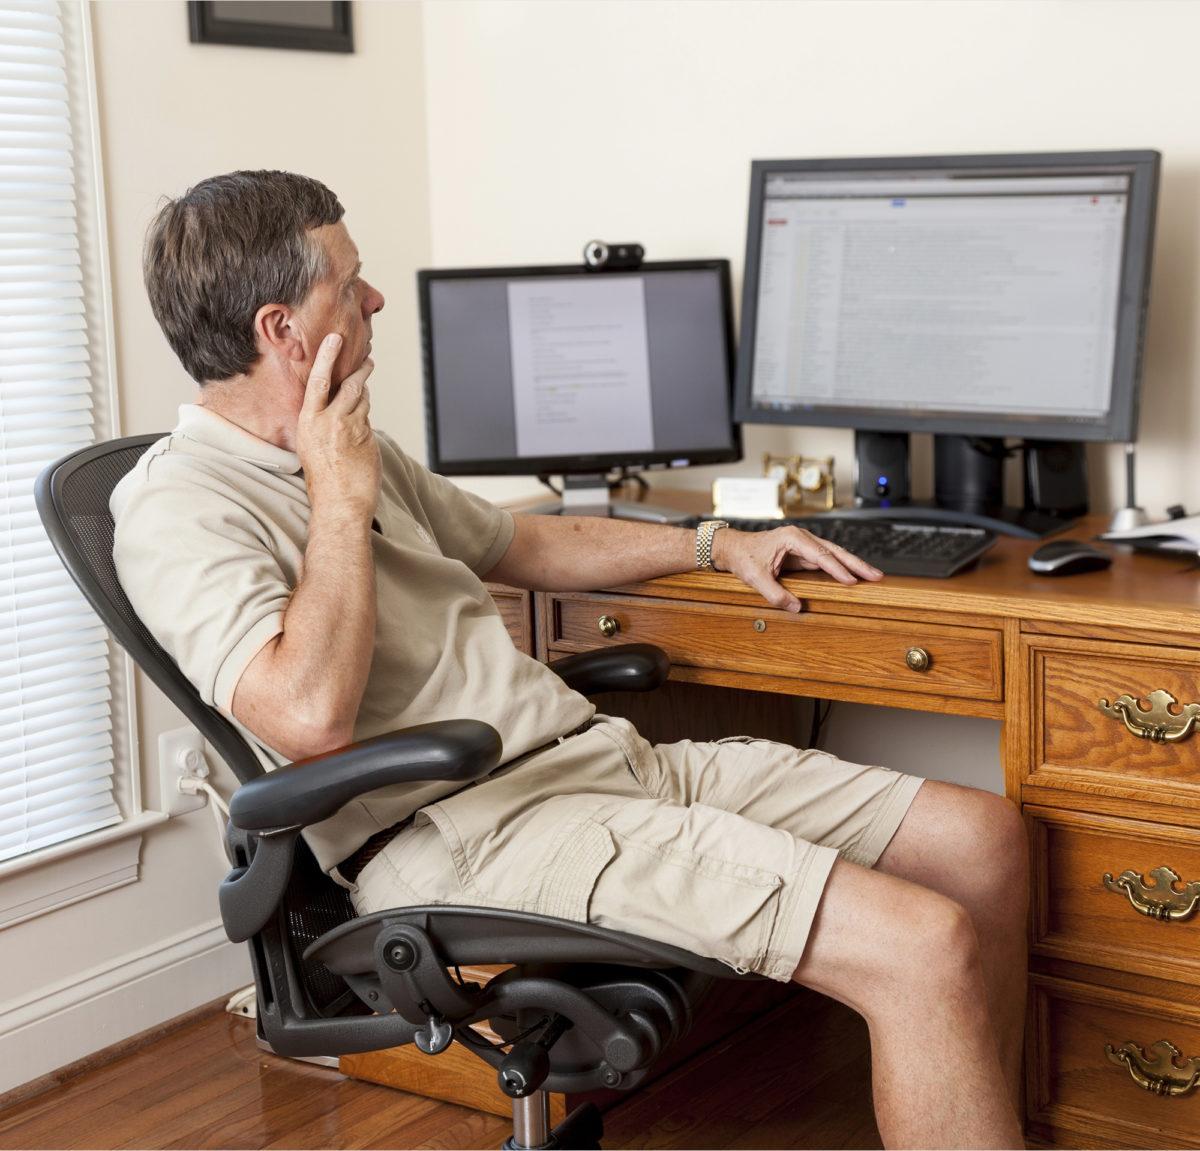 Vaikka etätöitä on tehty jo pitkään, ensi vuonna myös laki tunnistaa esimerkiksi kotona tehtävän työn samanveroiseksi kuin työpaikalla tehdyn.